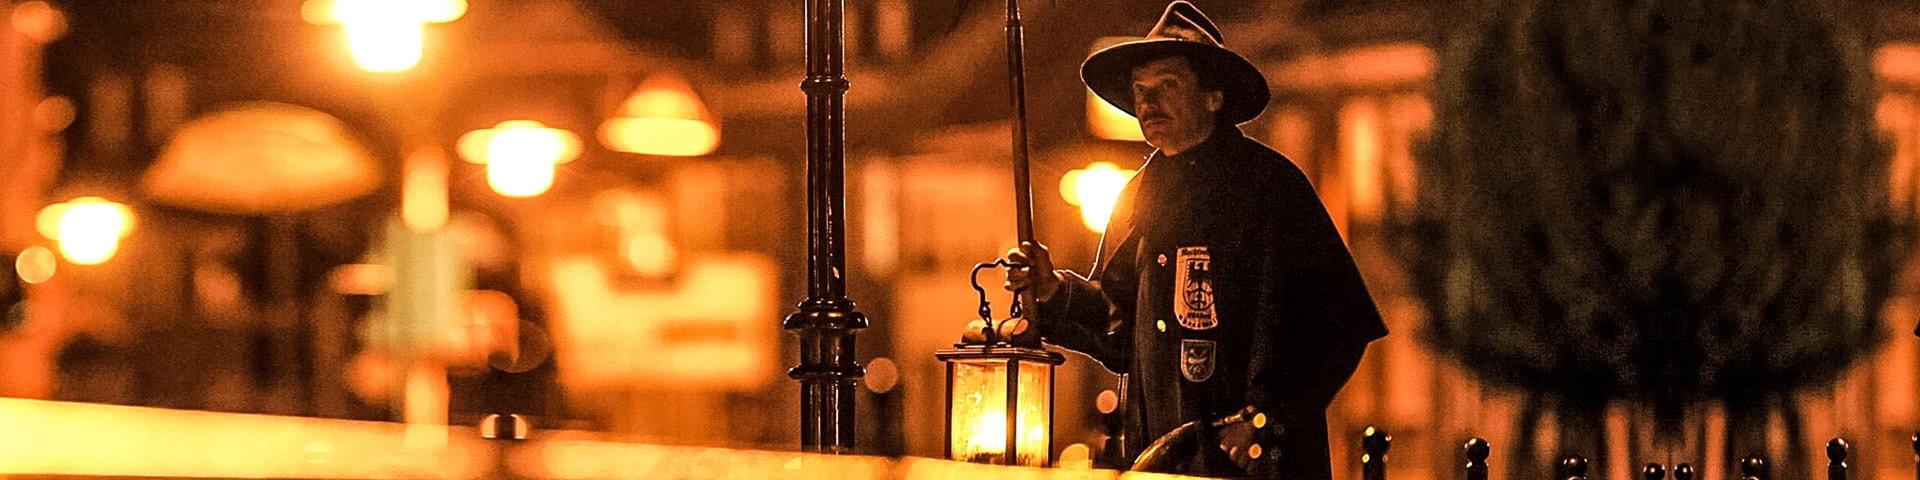 Nachtwächter in Luebben im Spreewald